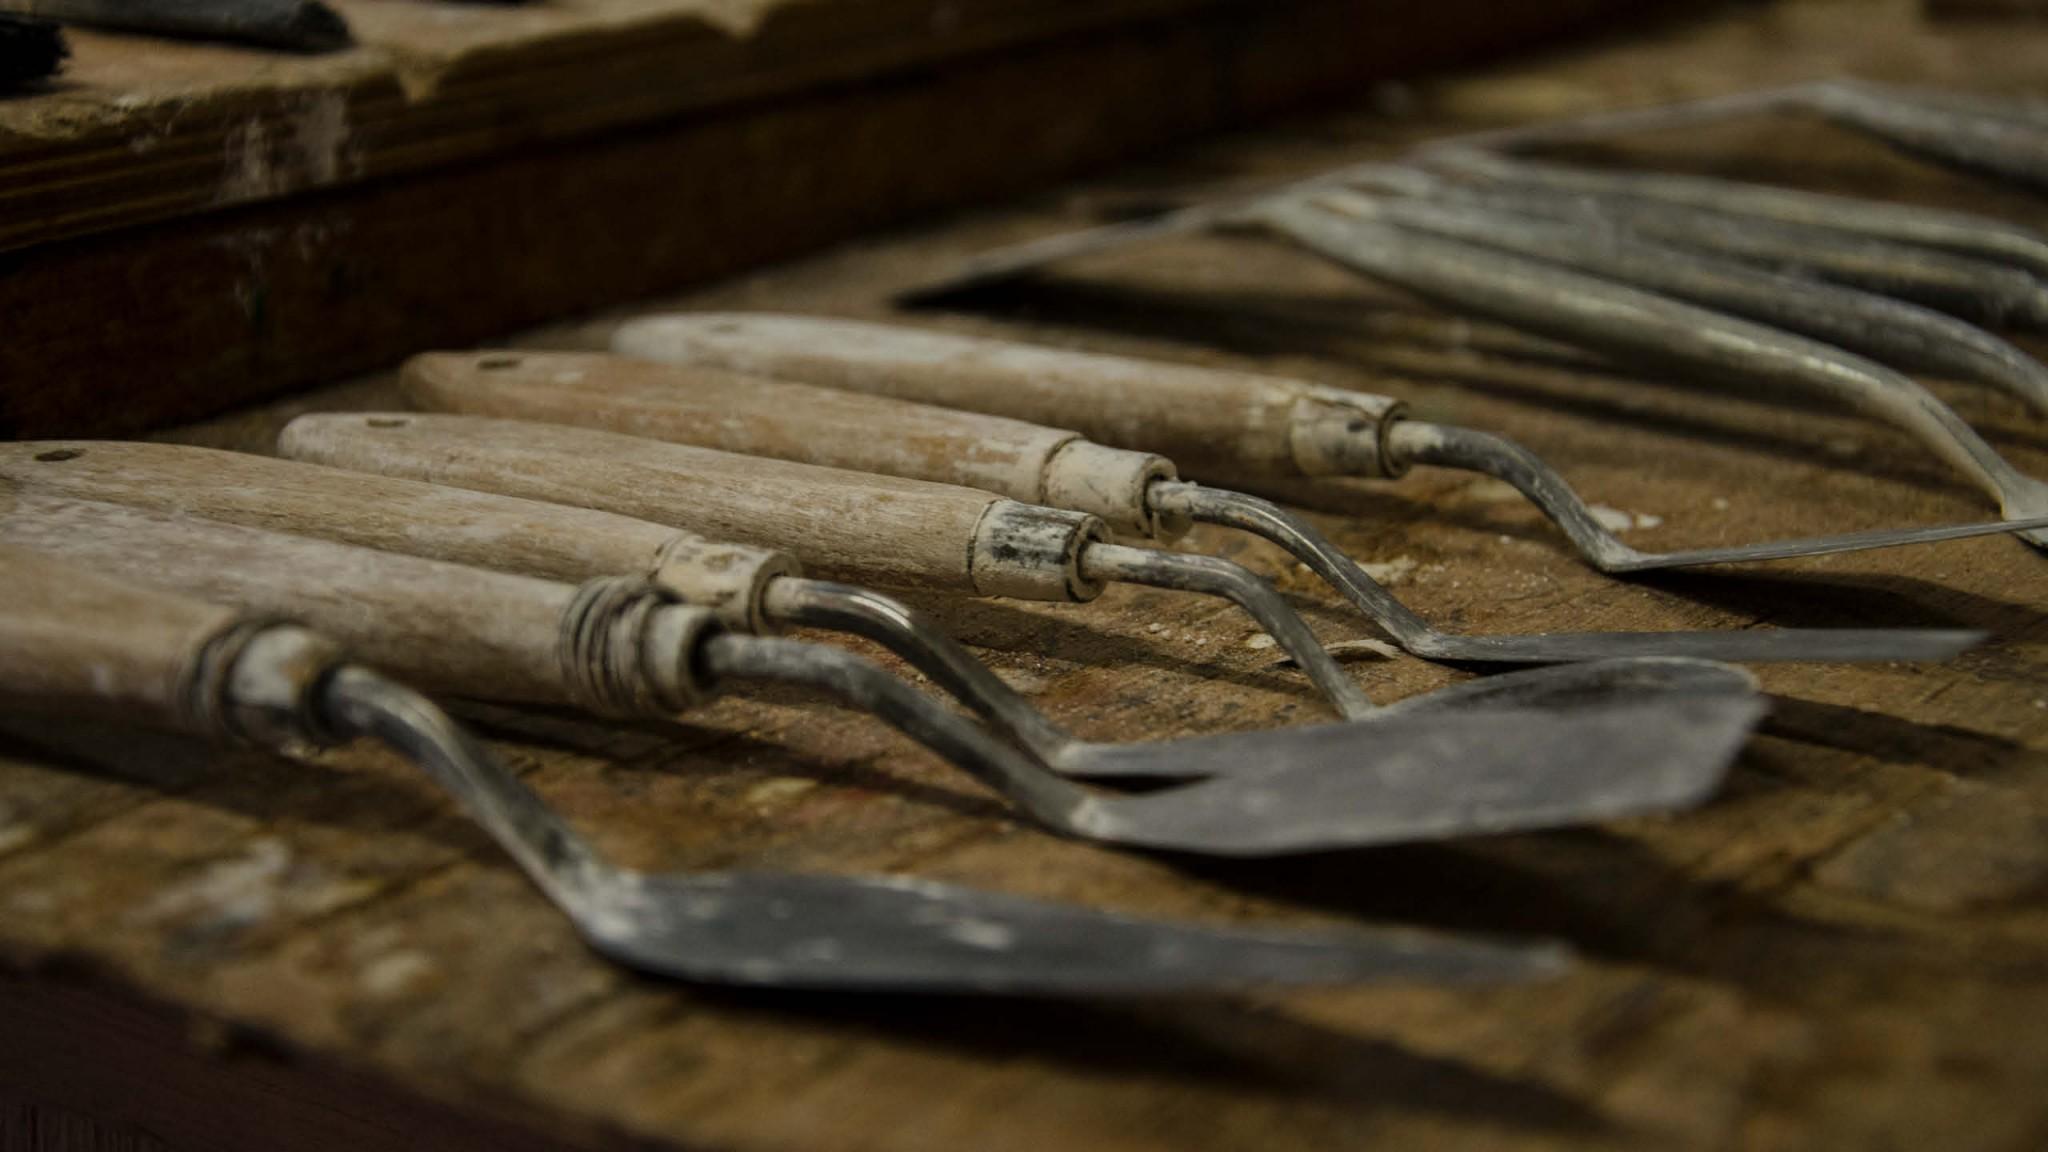 Closeup image of tools